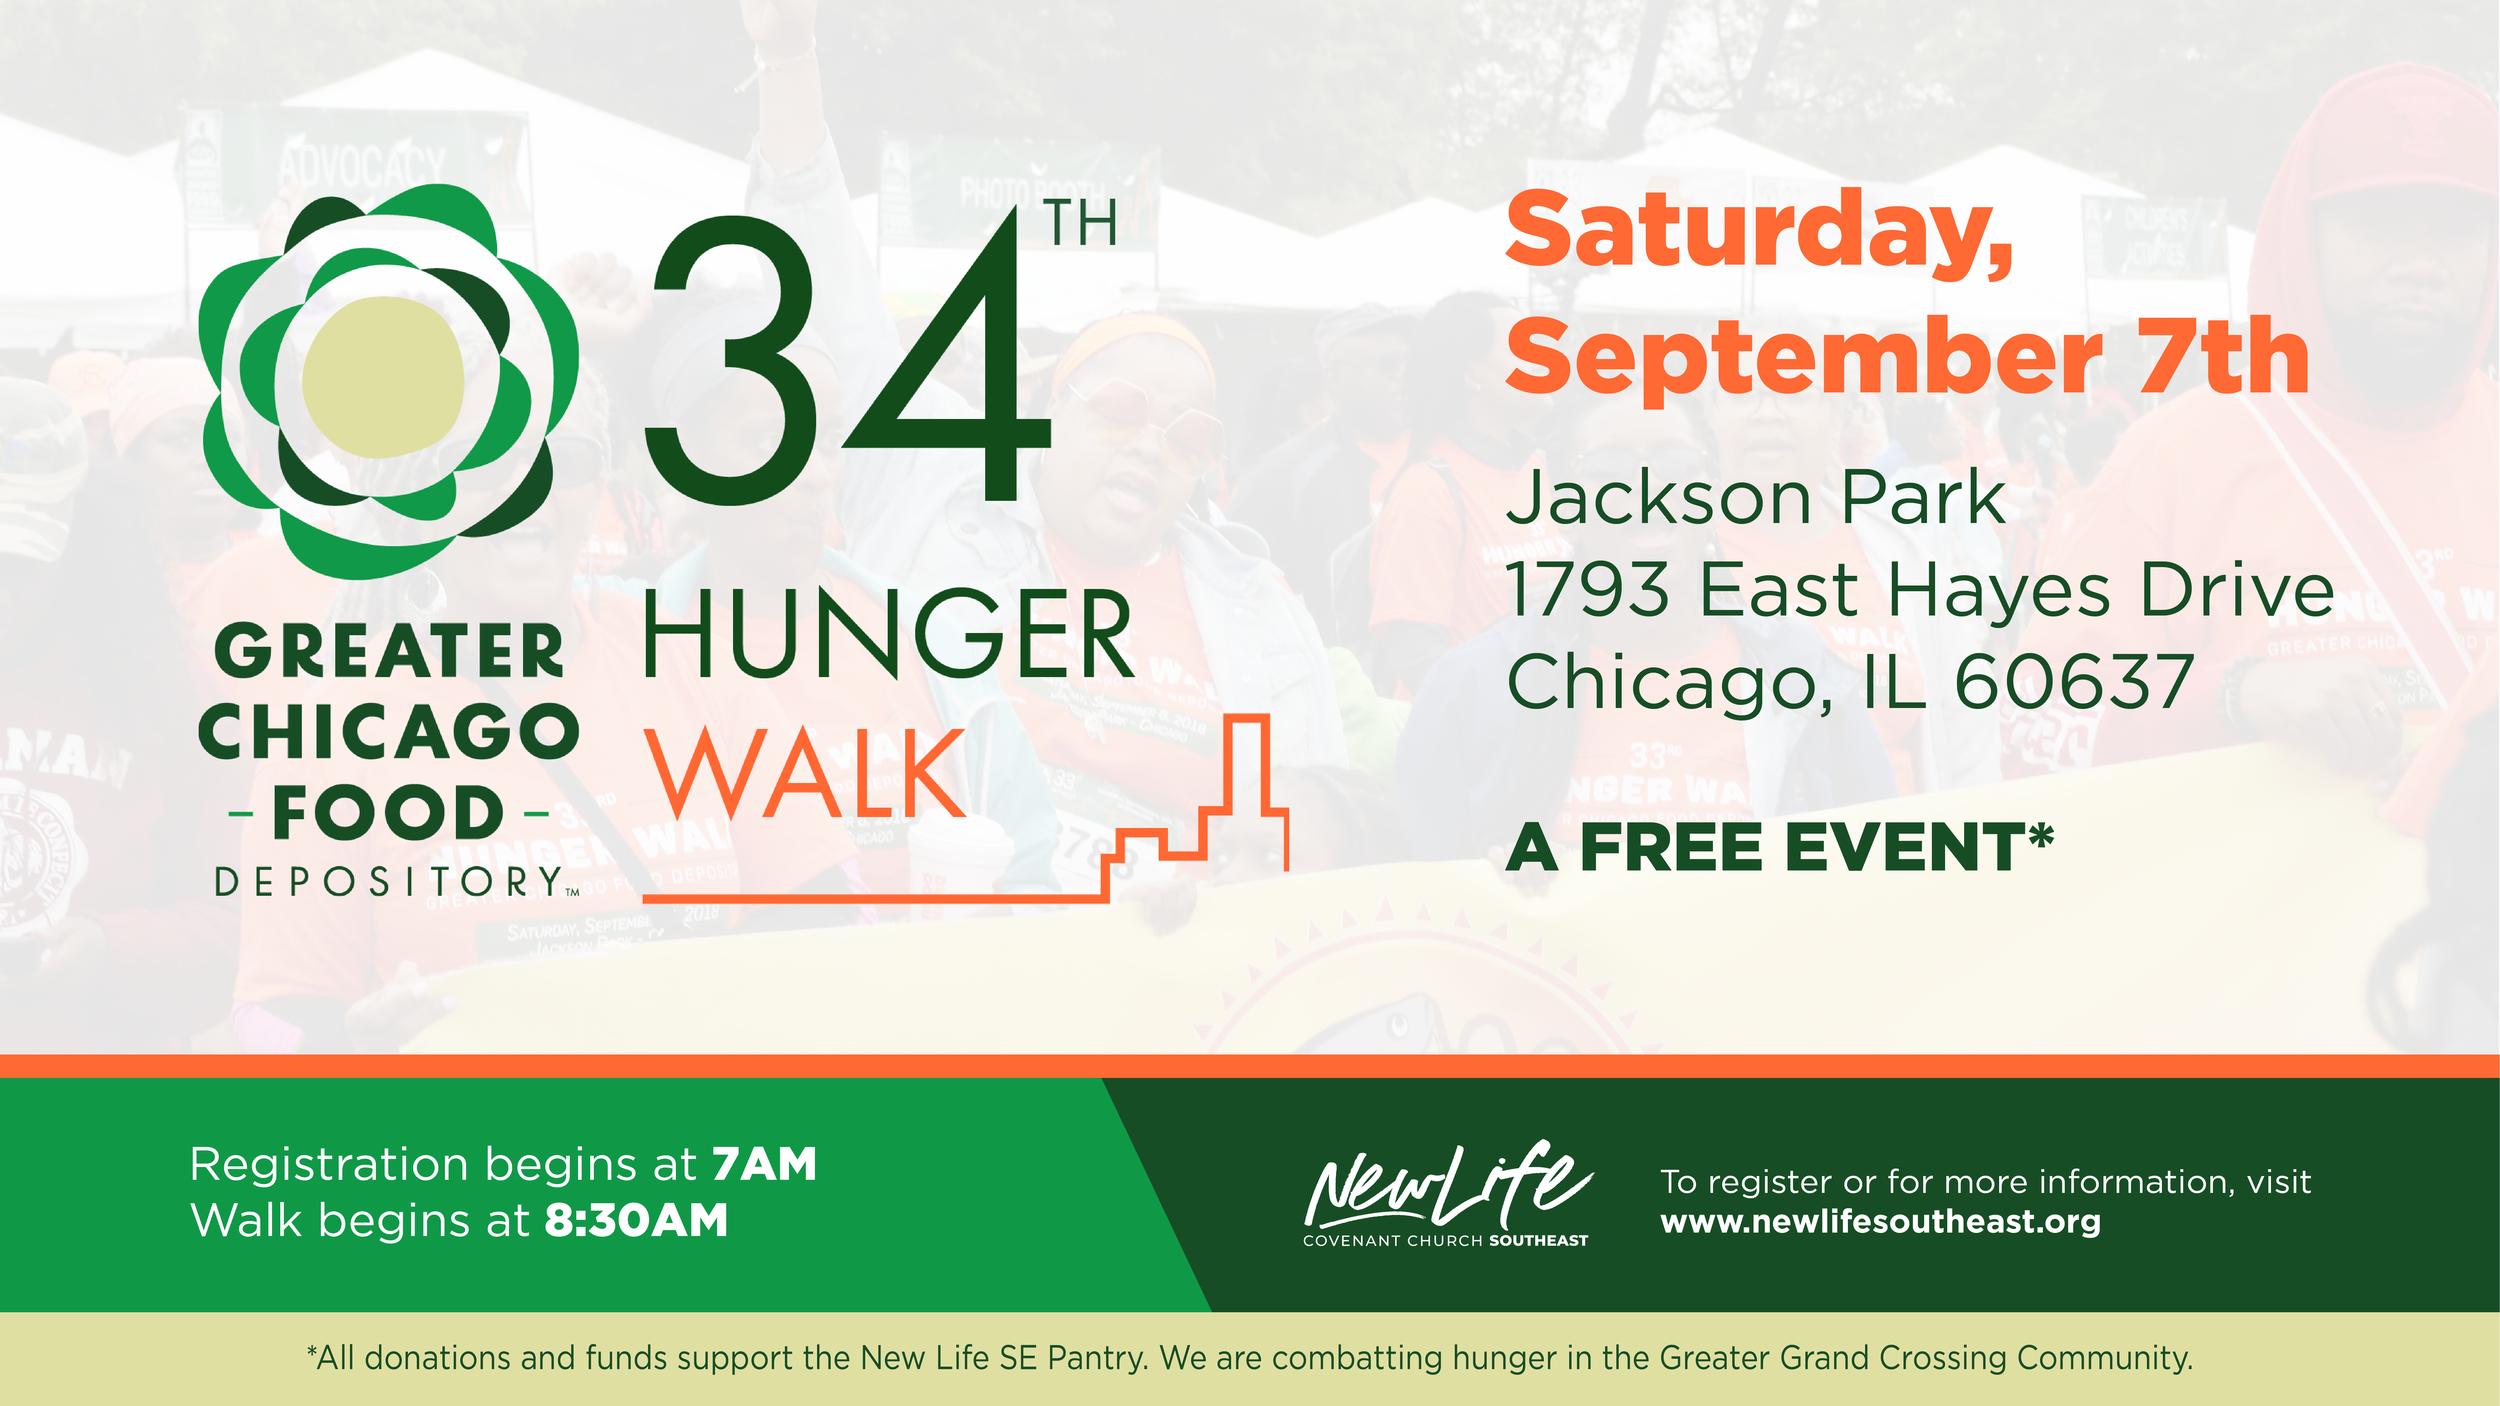 NLCSE-2019-Hunger Walk-Website Graphic.png